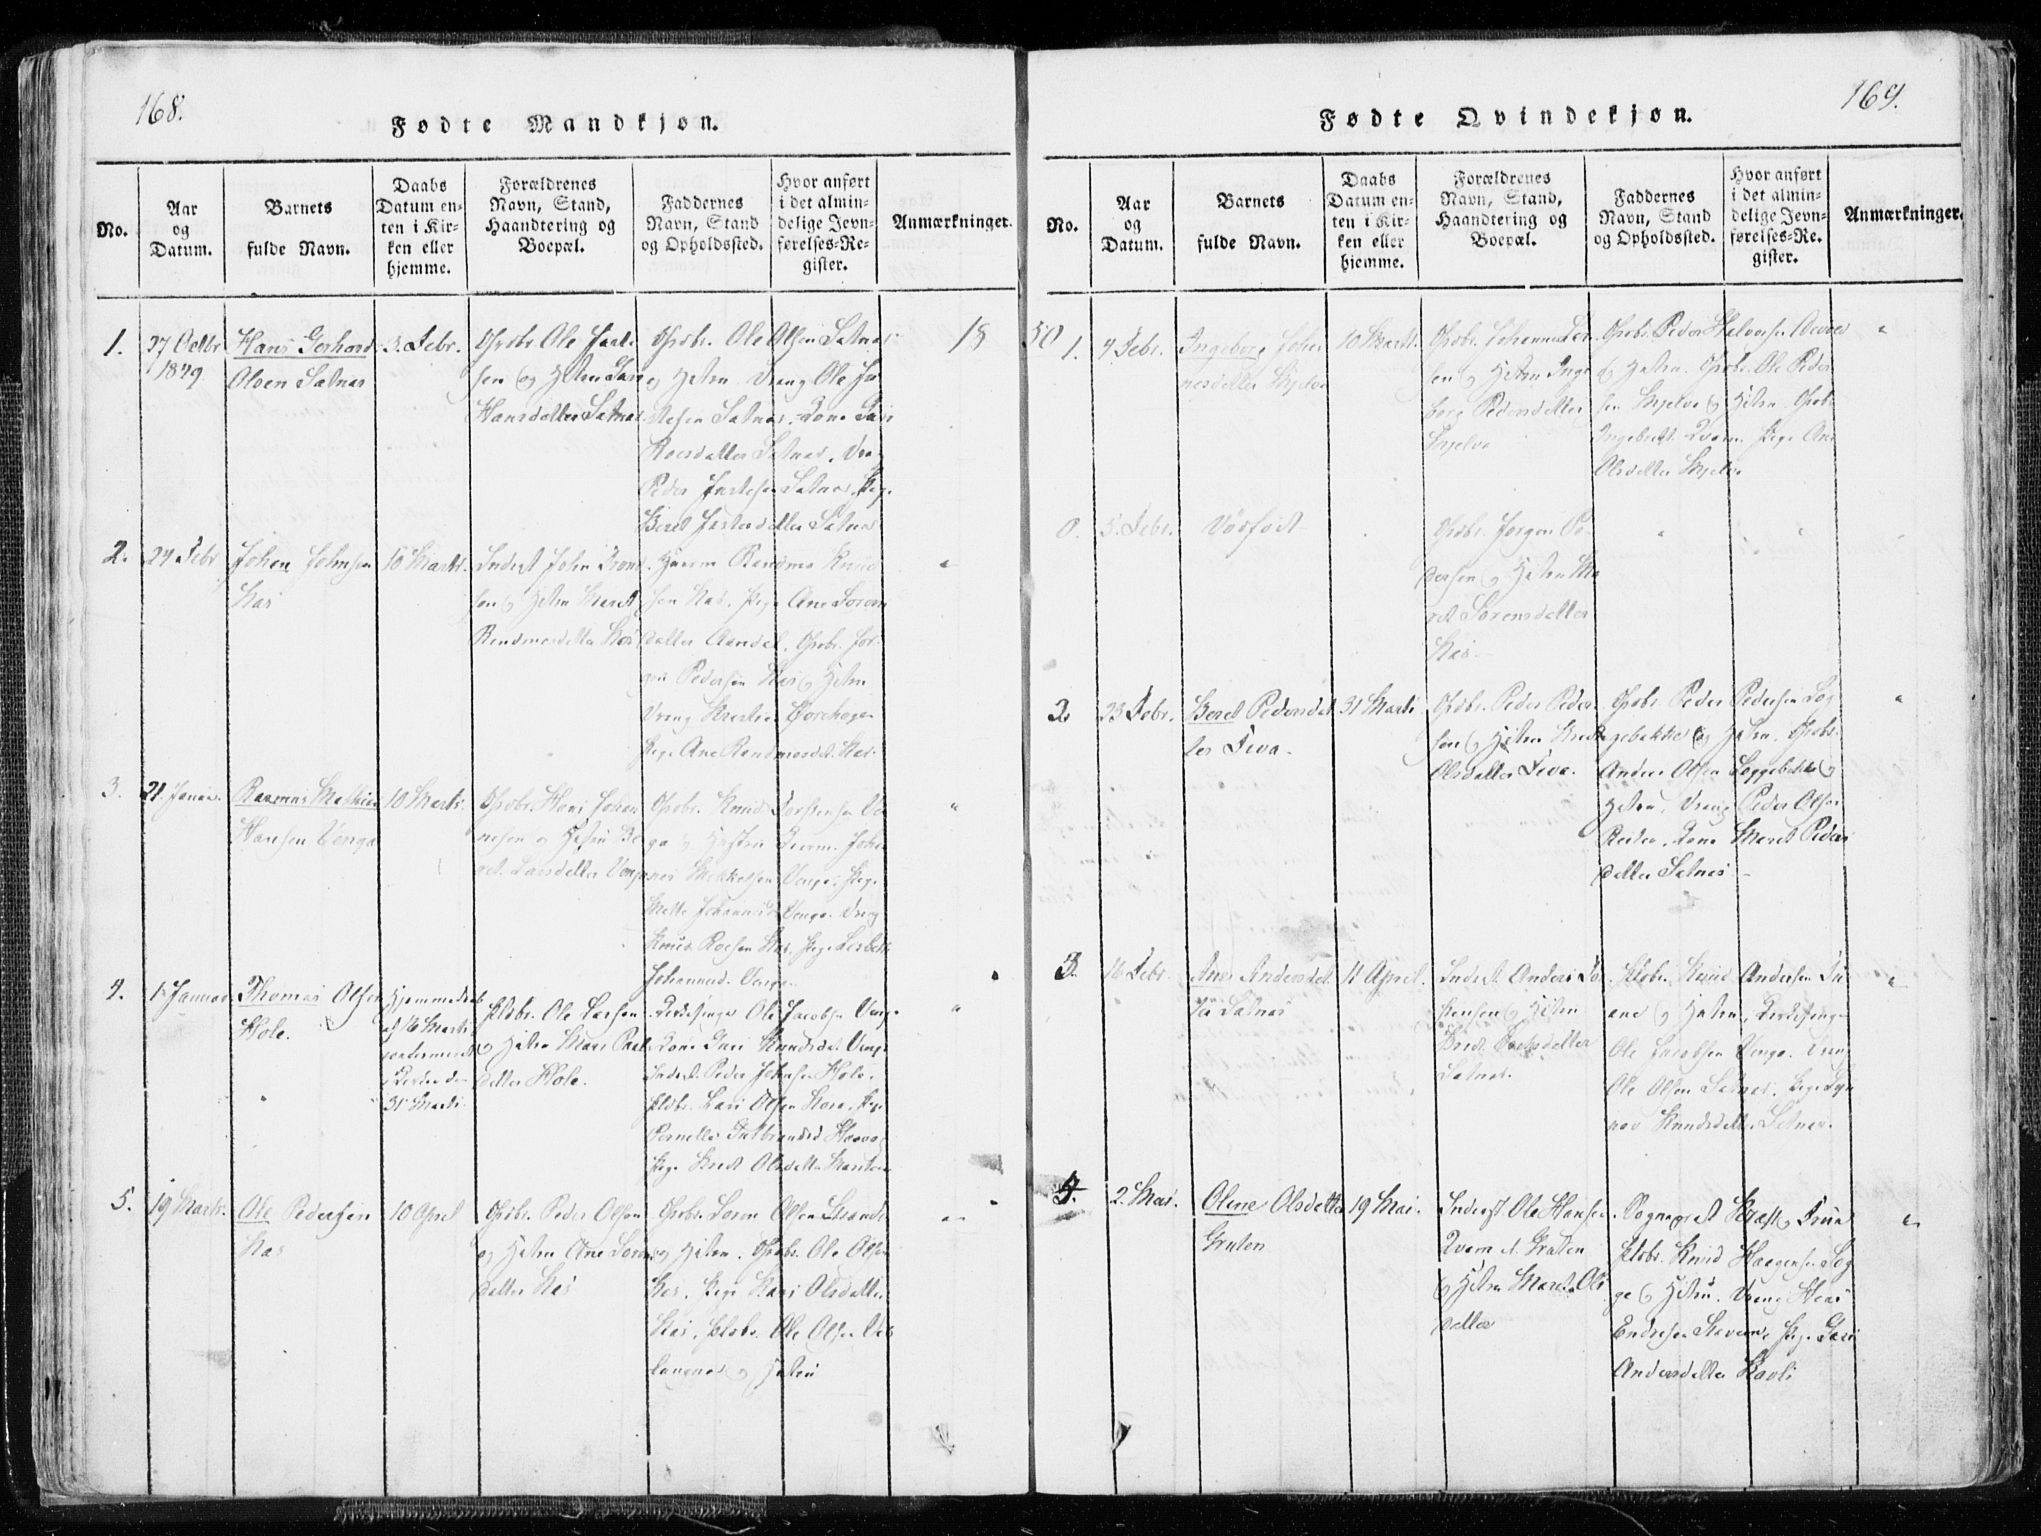 SAT, Ministerialprotokoller, klokkerbøker og fødselsregistre - Møre og Romsdal, 544/L0571: Ministerialbok nr. 544A04, 1818-1853, s. 168-169